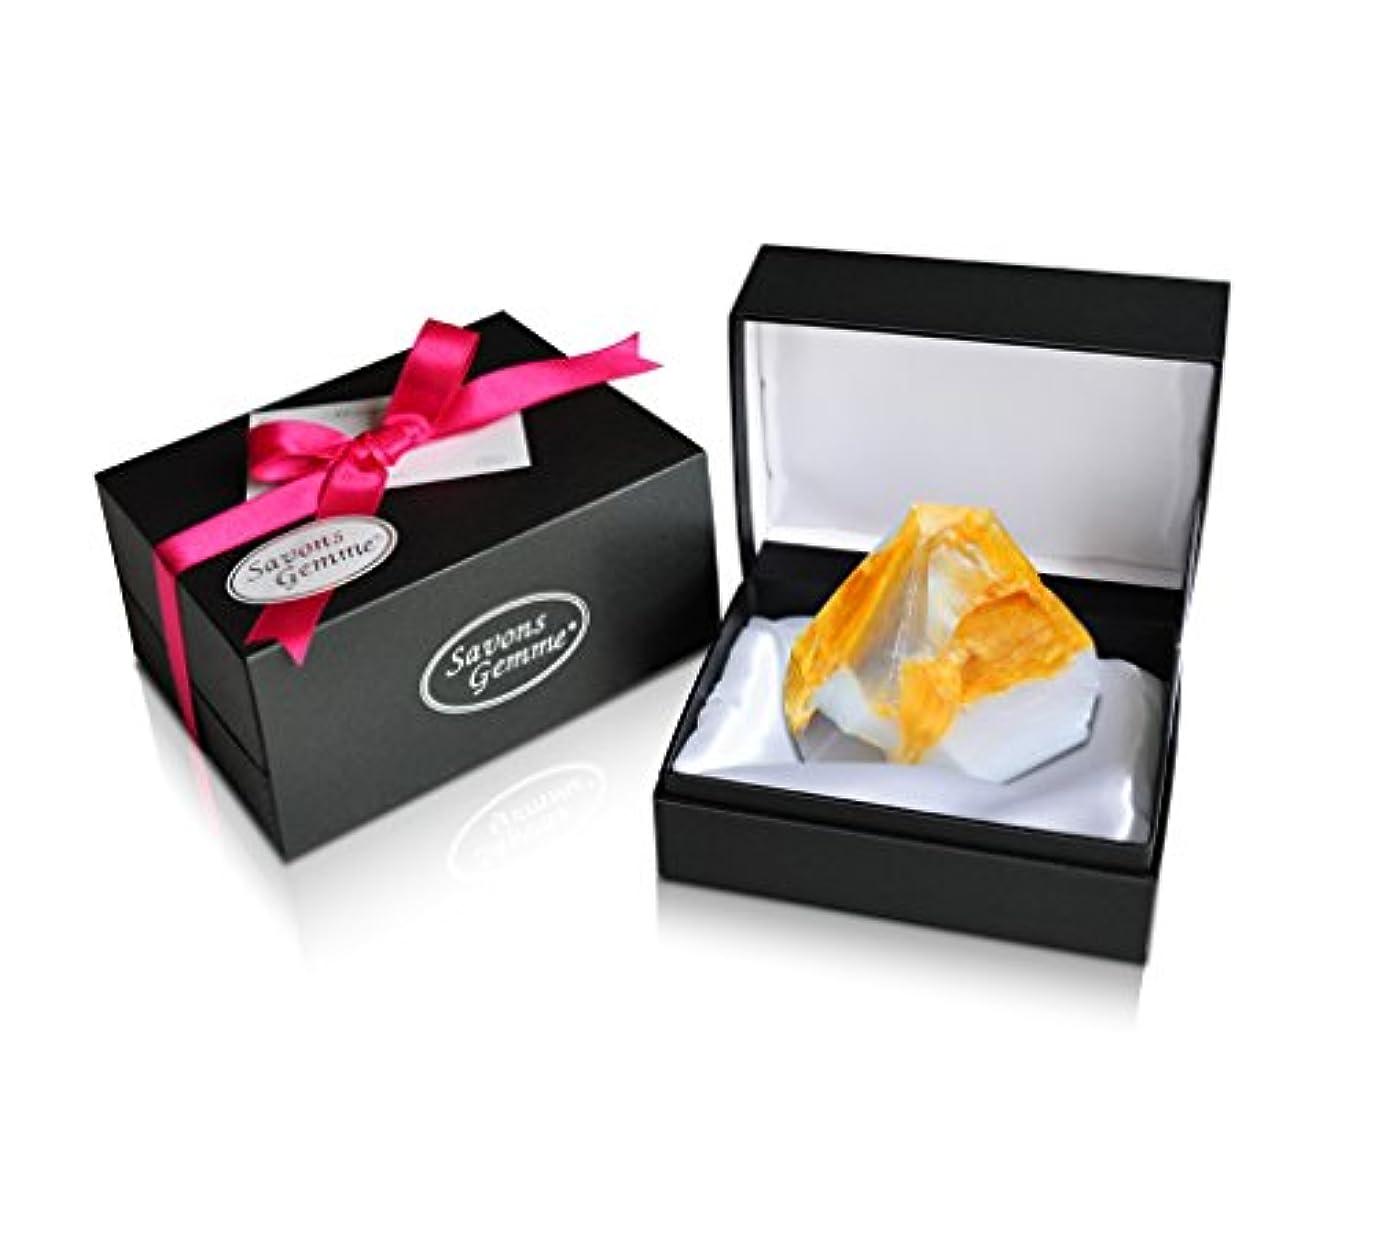 テセウス酔っ払い権威Savons Gemme サボンジェム ジュエリーギフトボックス 世界で一番美しい宝石石鹸 フレグランス ソープ 宝石箱のようなラグジュアリー感を演出 アルバトールオリエンタル 170g 【日本総代理店品】